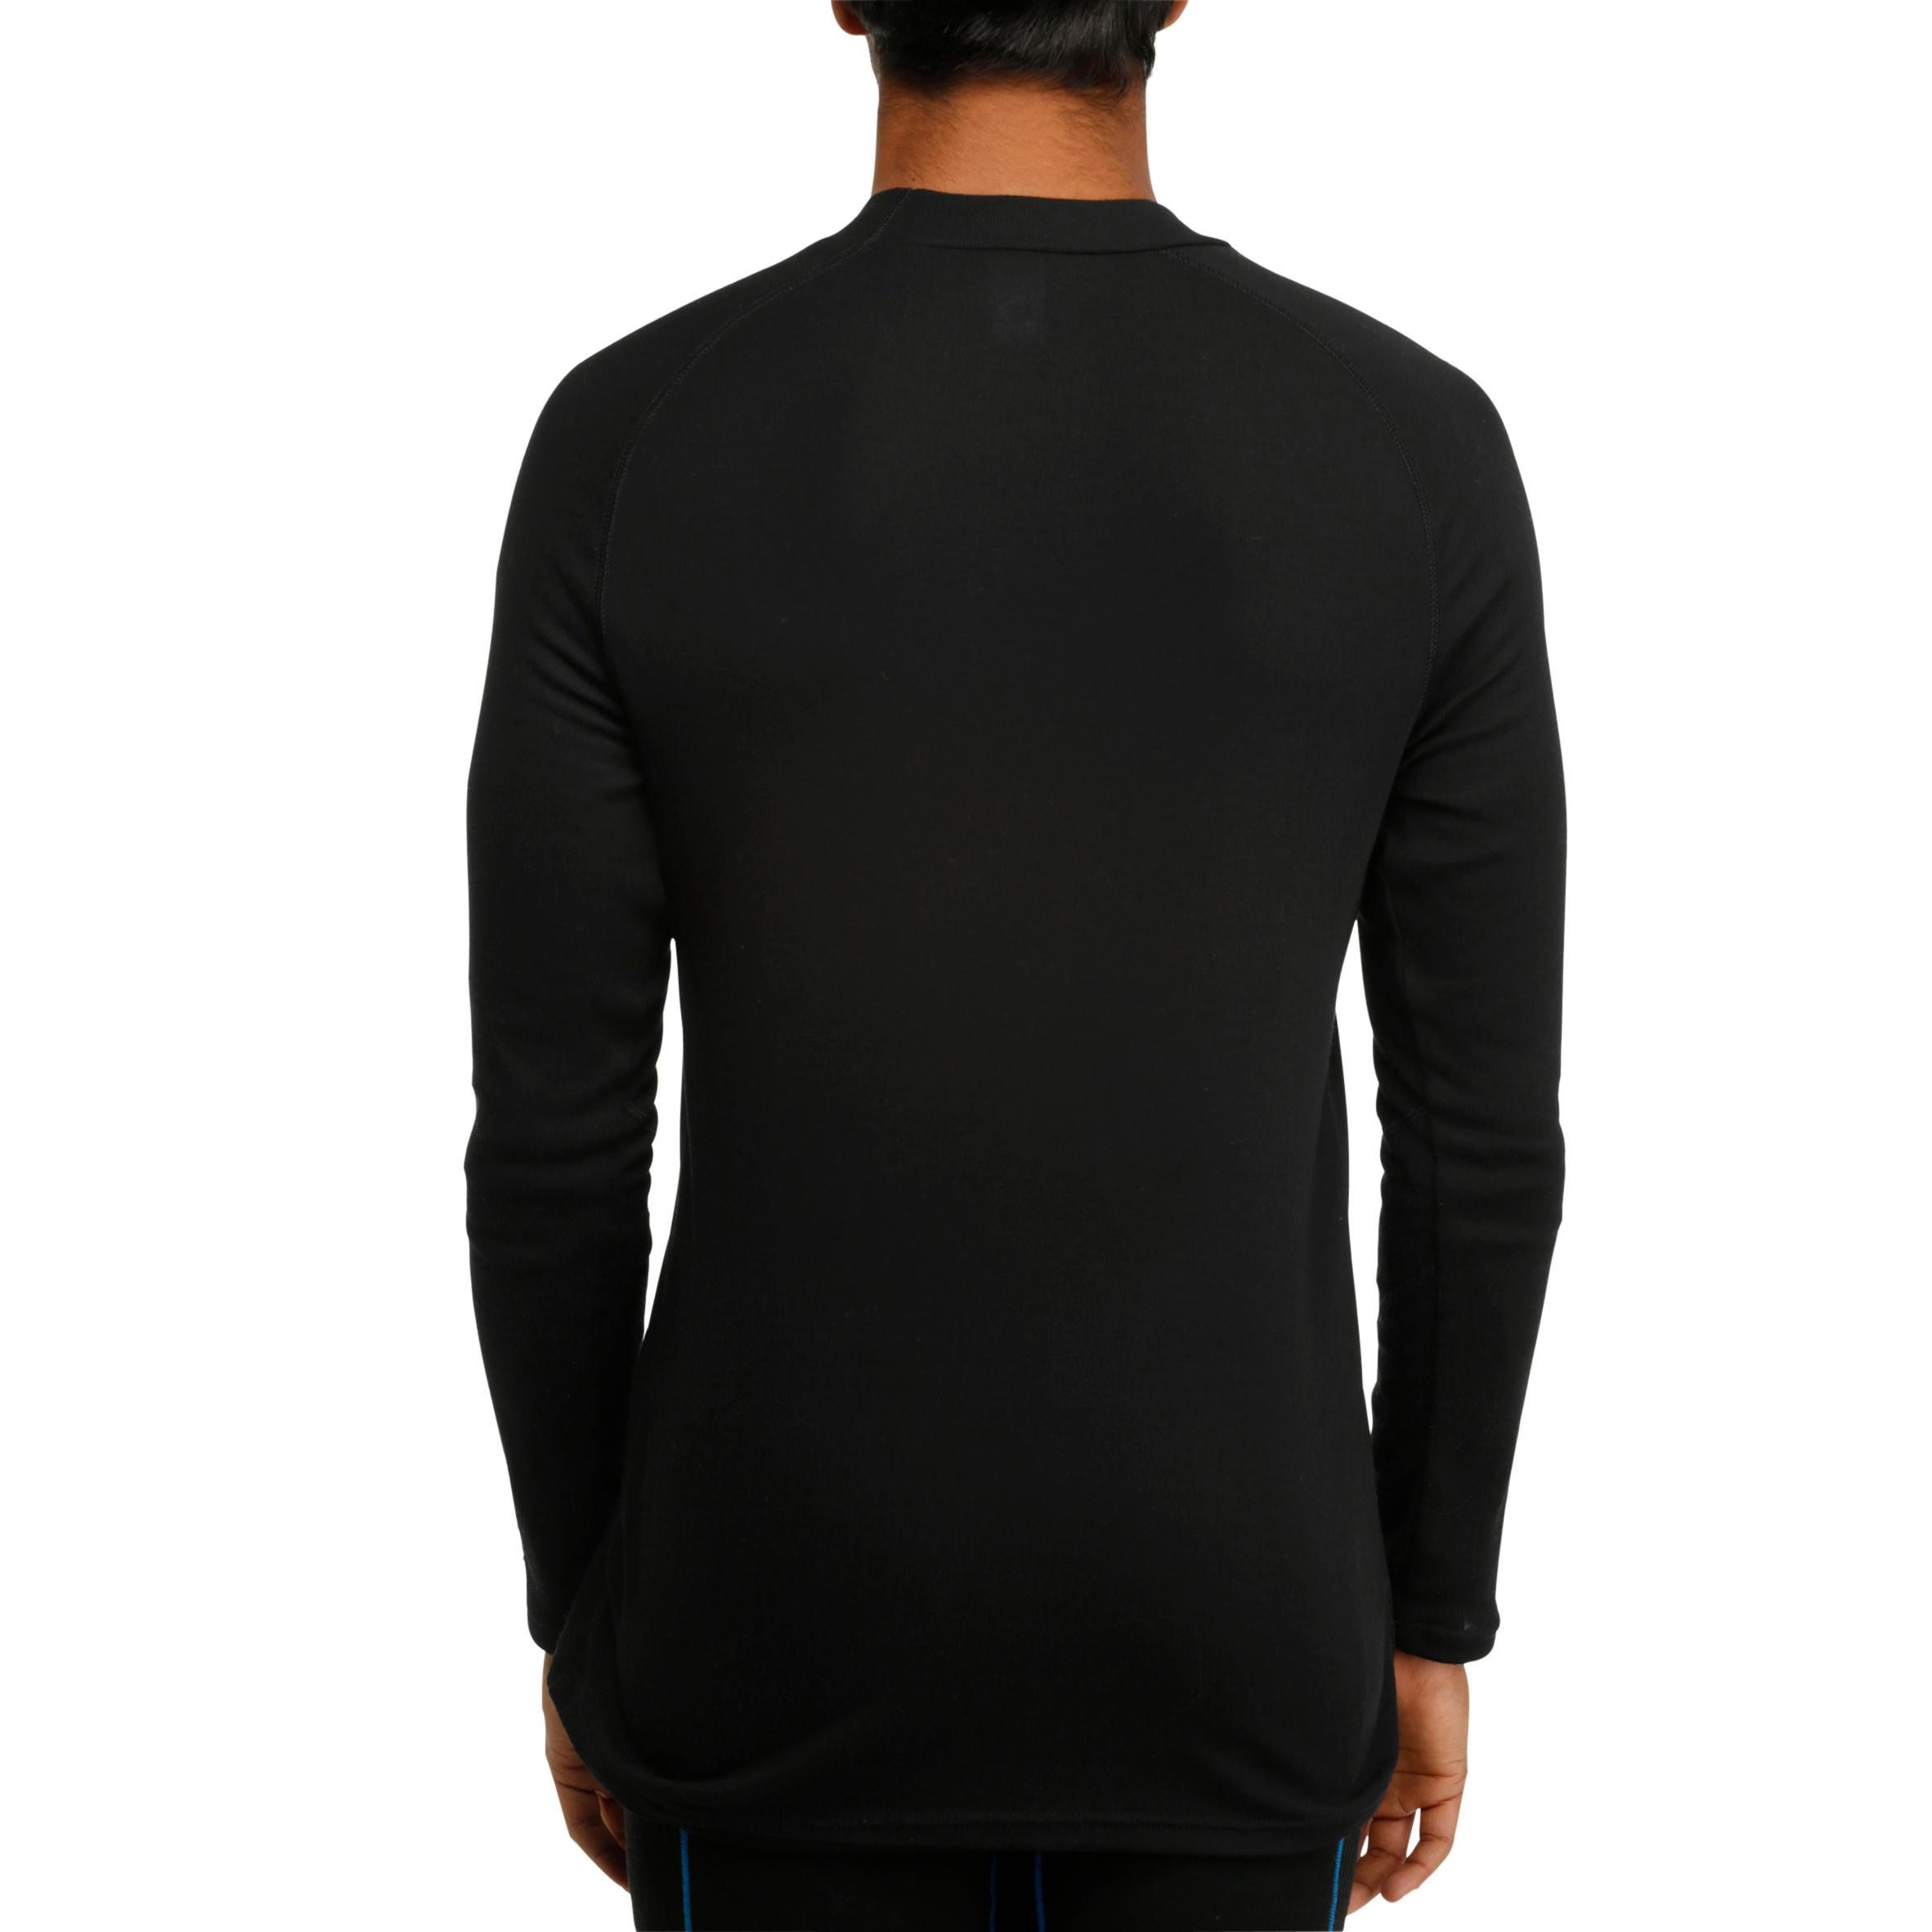 เสื้อตัวในเพื่อการเล่นสกีสำหรับผู้ชาย Simple Warm (สีดำ)